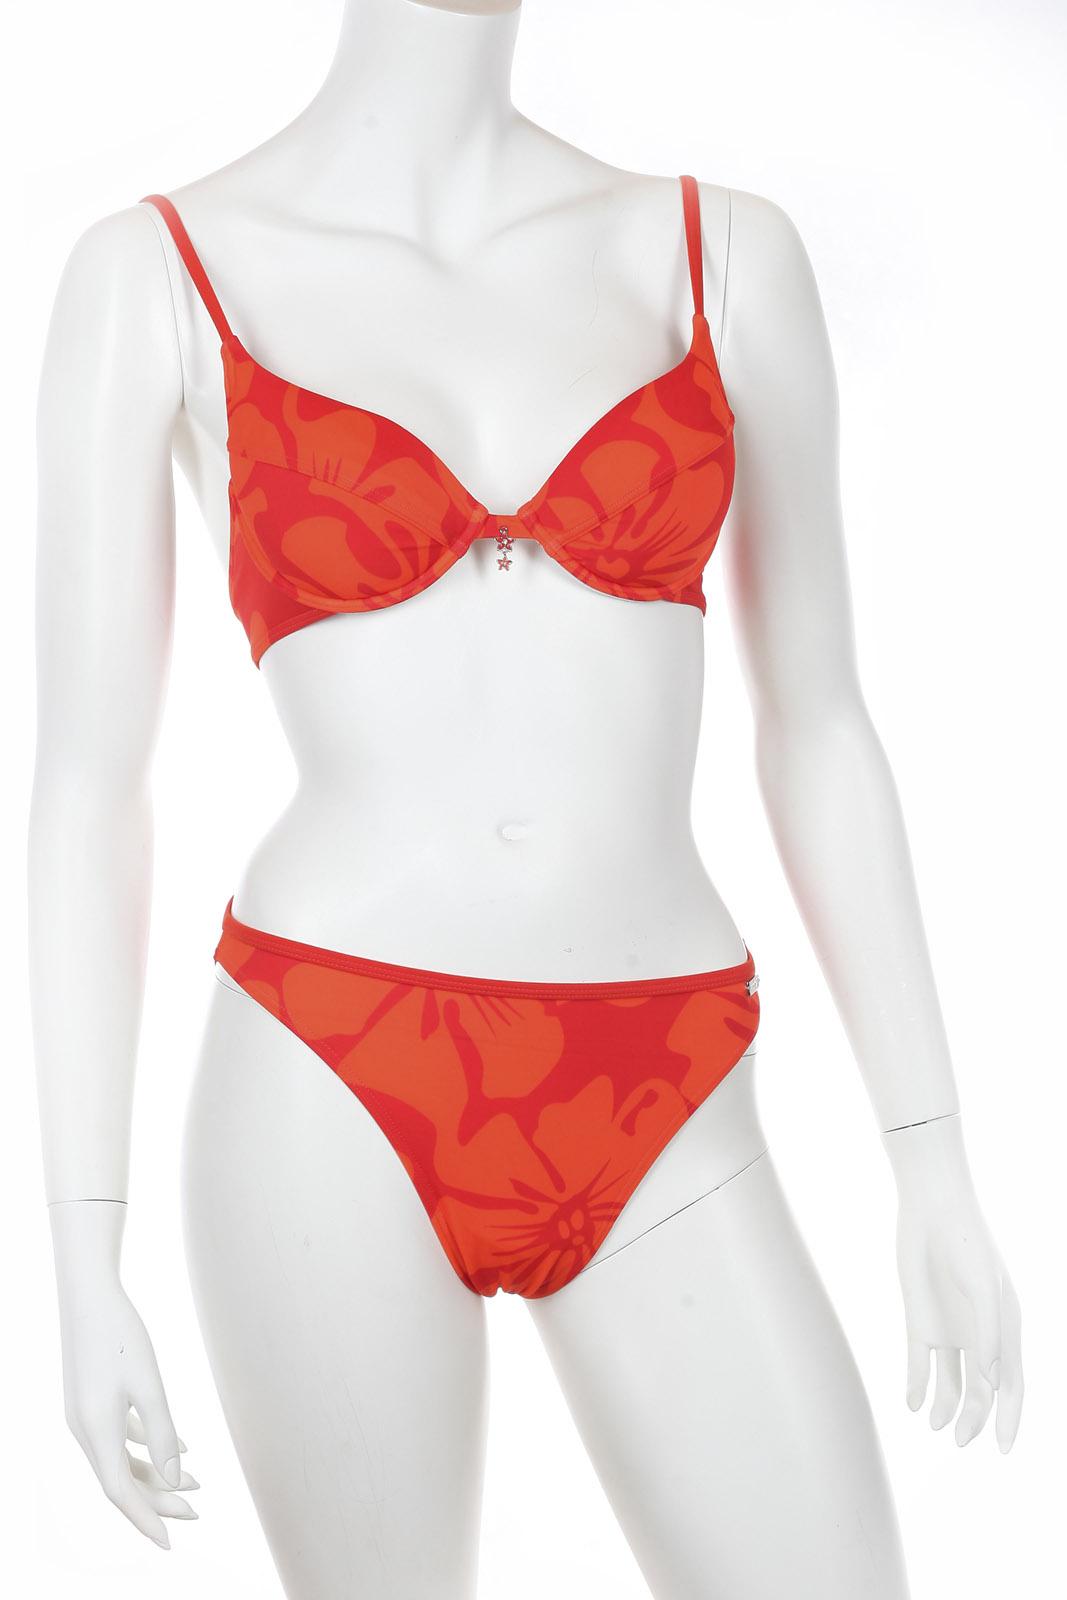 Яркий оранжевый купальник Olympia.